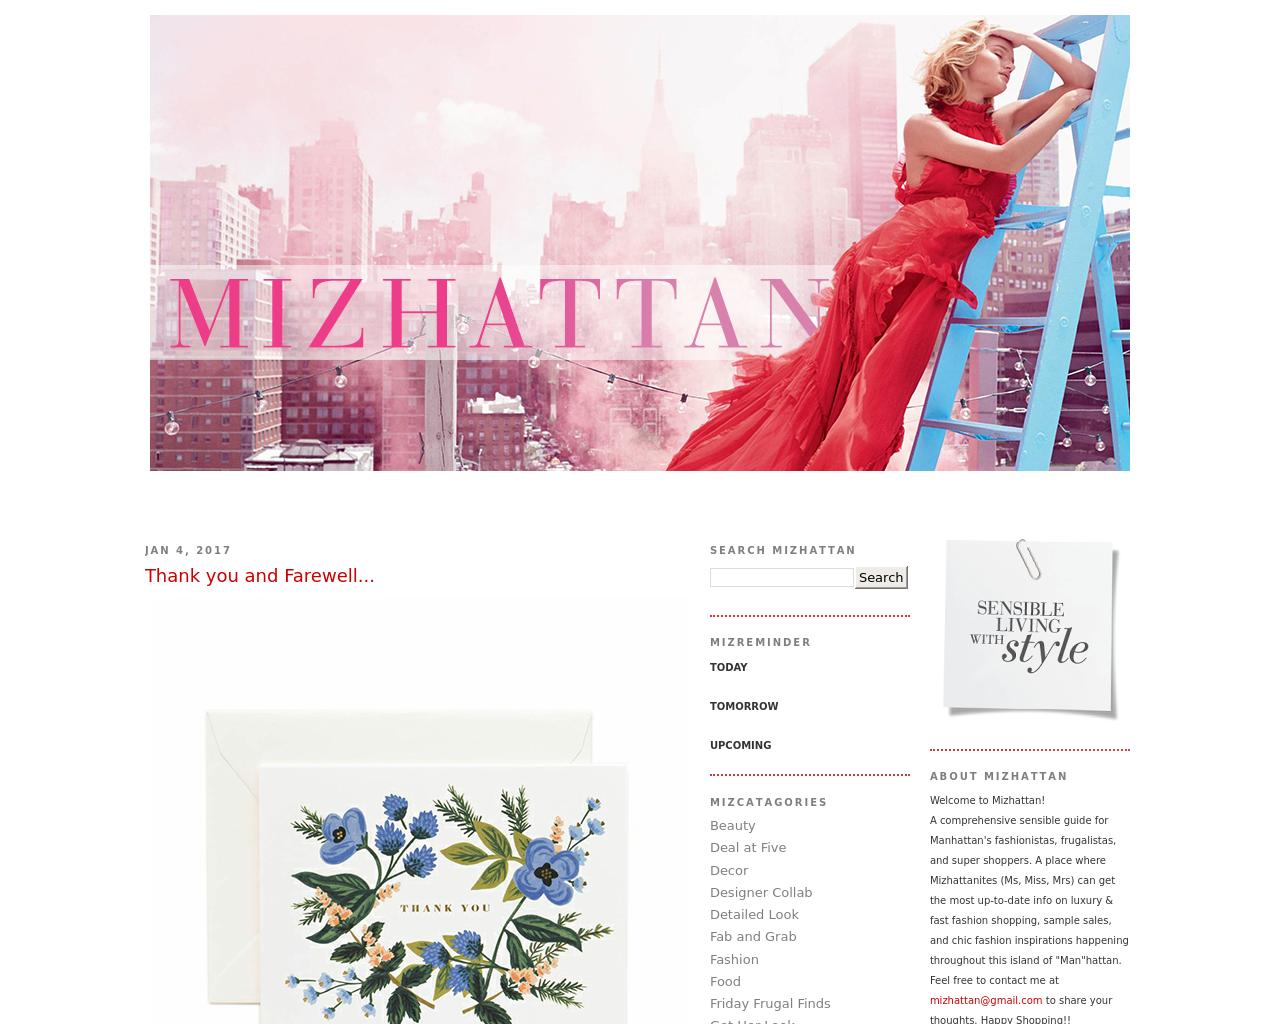 Mizhattan-Advertising-Reviews-Pricing